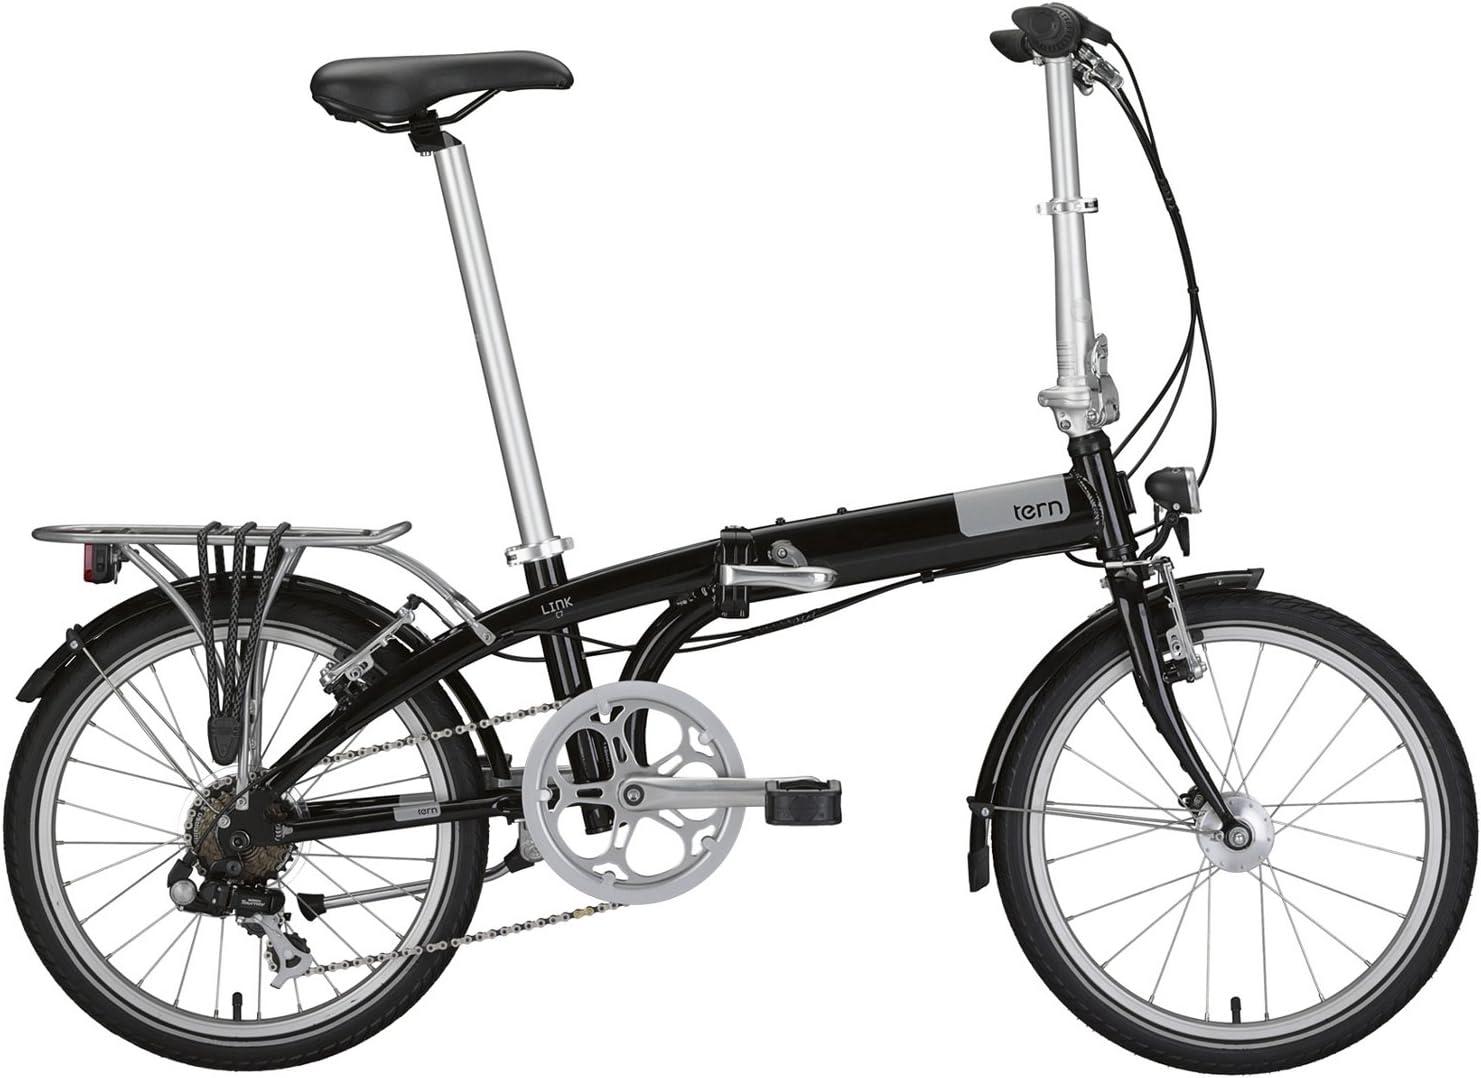 Bicicleta plegable tern Link negro 2015: Amazon.es: Deportes y ...